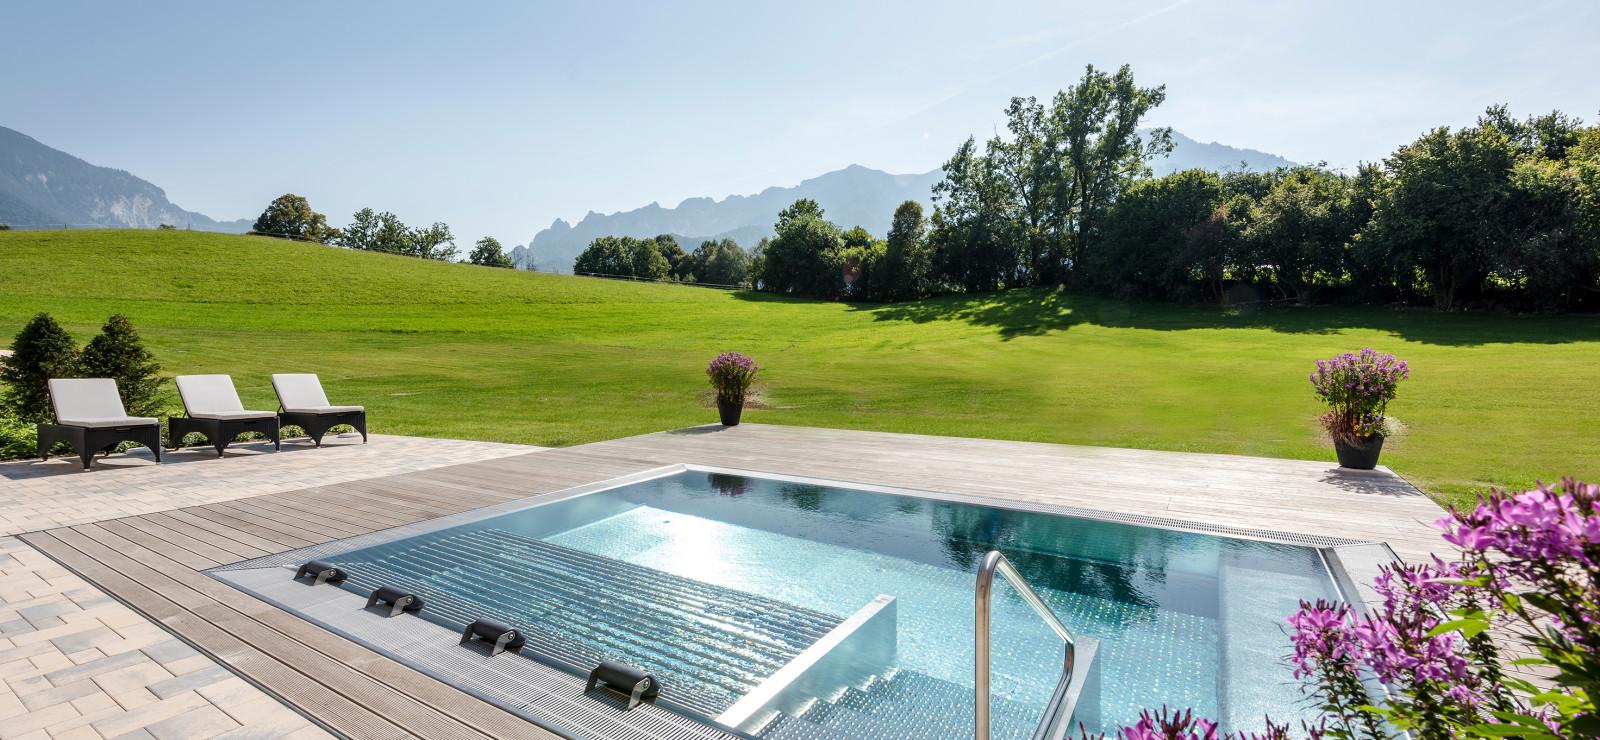 Klosterhof Premium Hotel & Health Resort Bilder | Bild 1